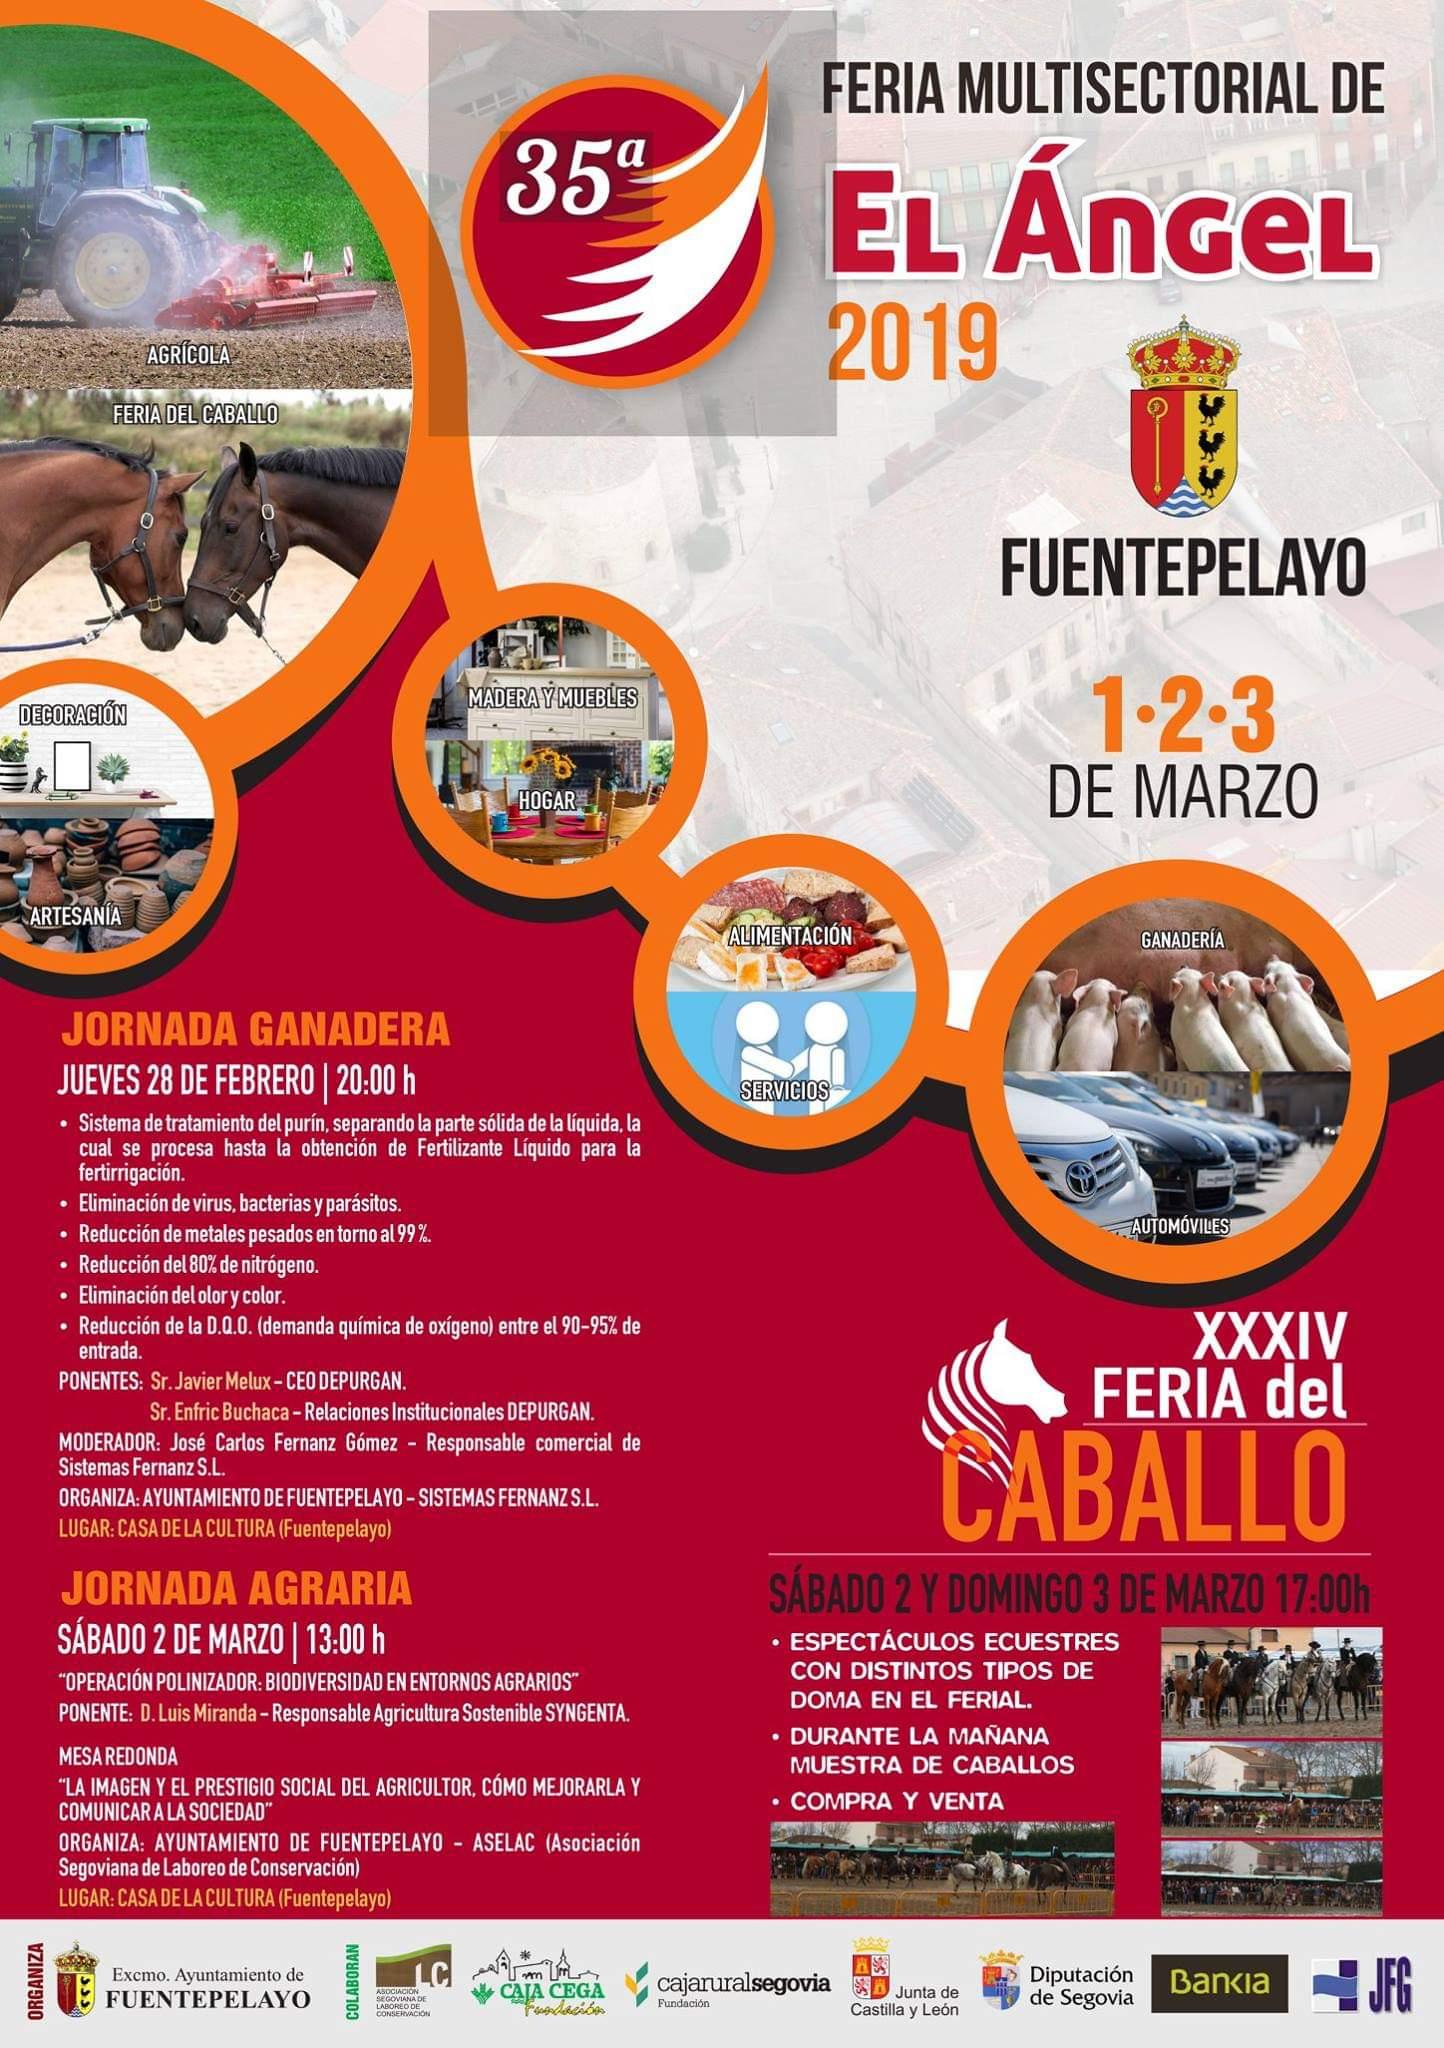 Feria Multisectorial De El ángel 2019 Fuentepelayos Casas Rurales La Fuente